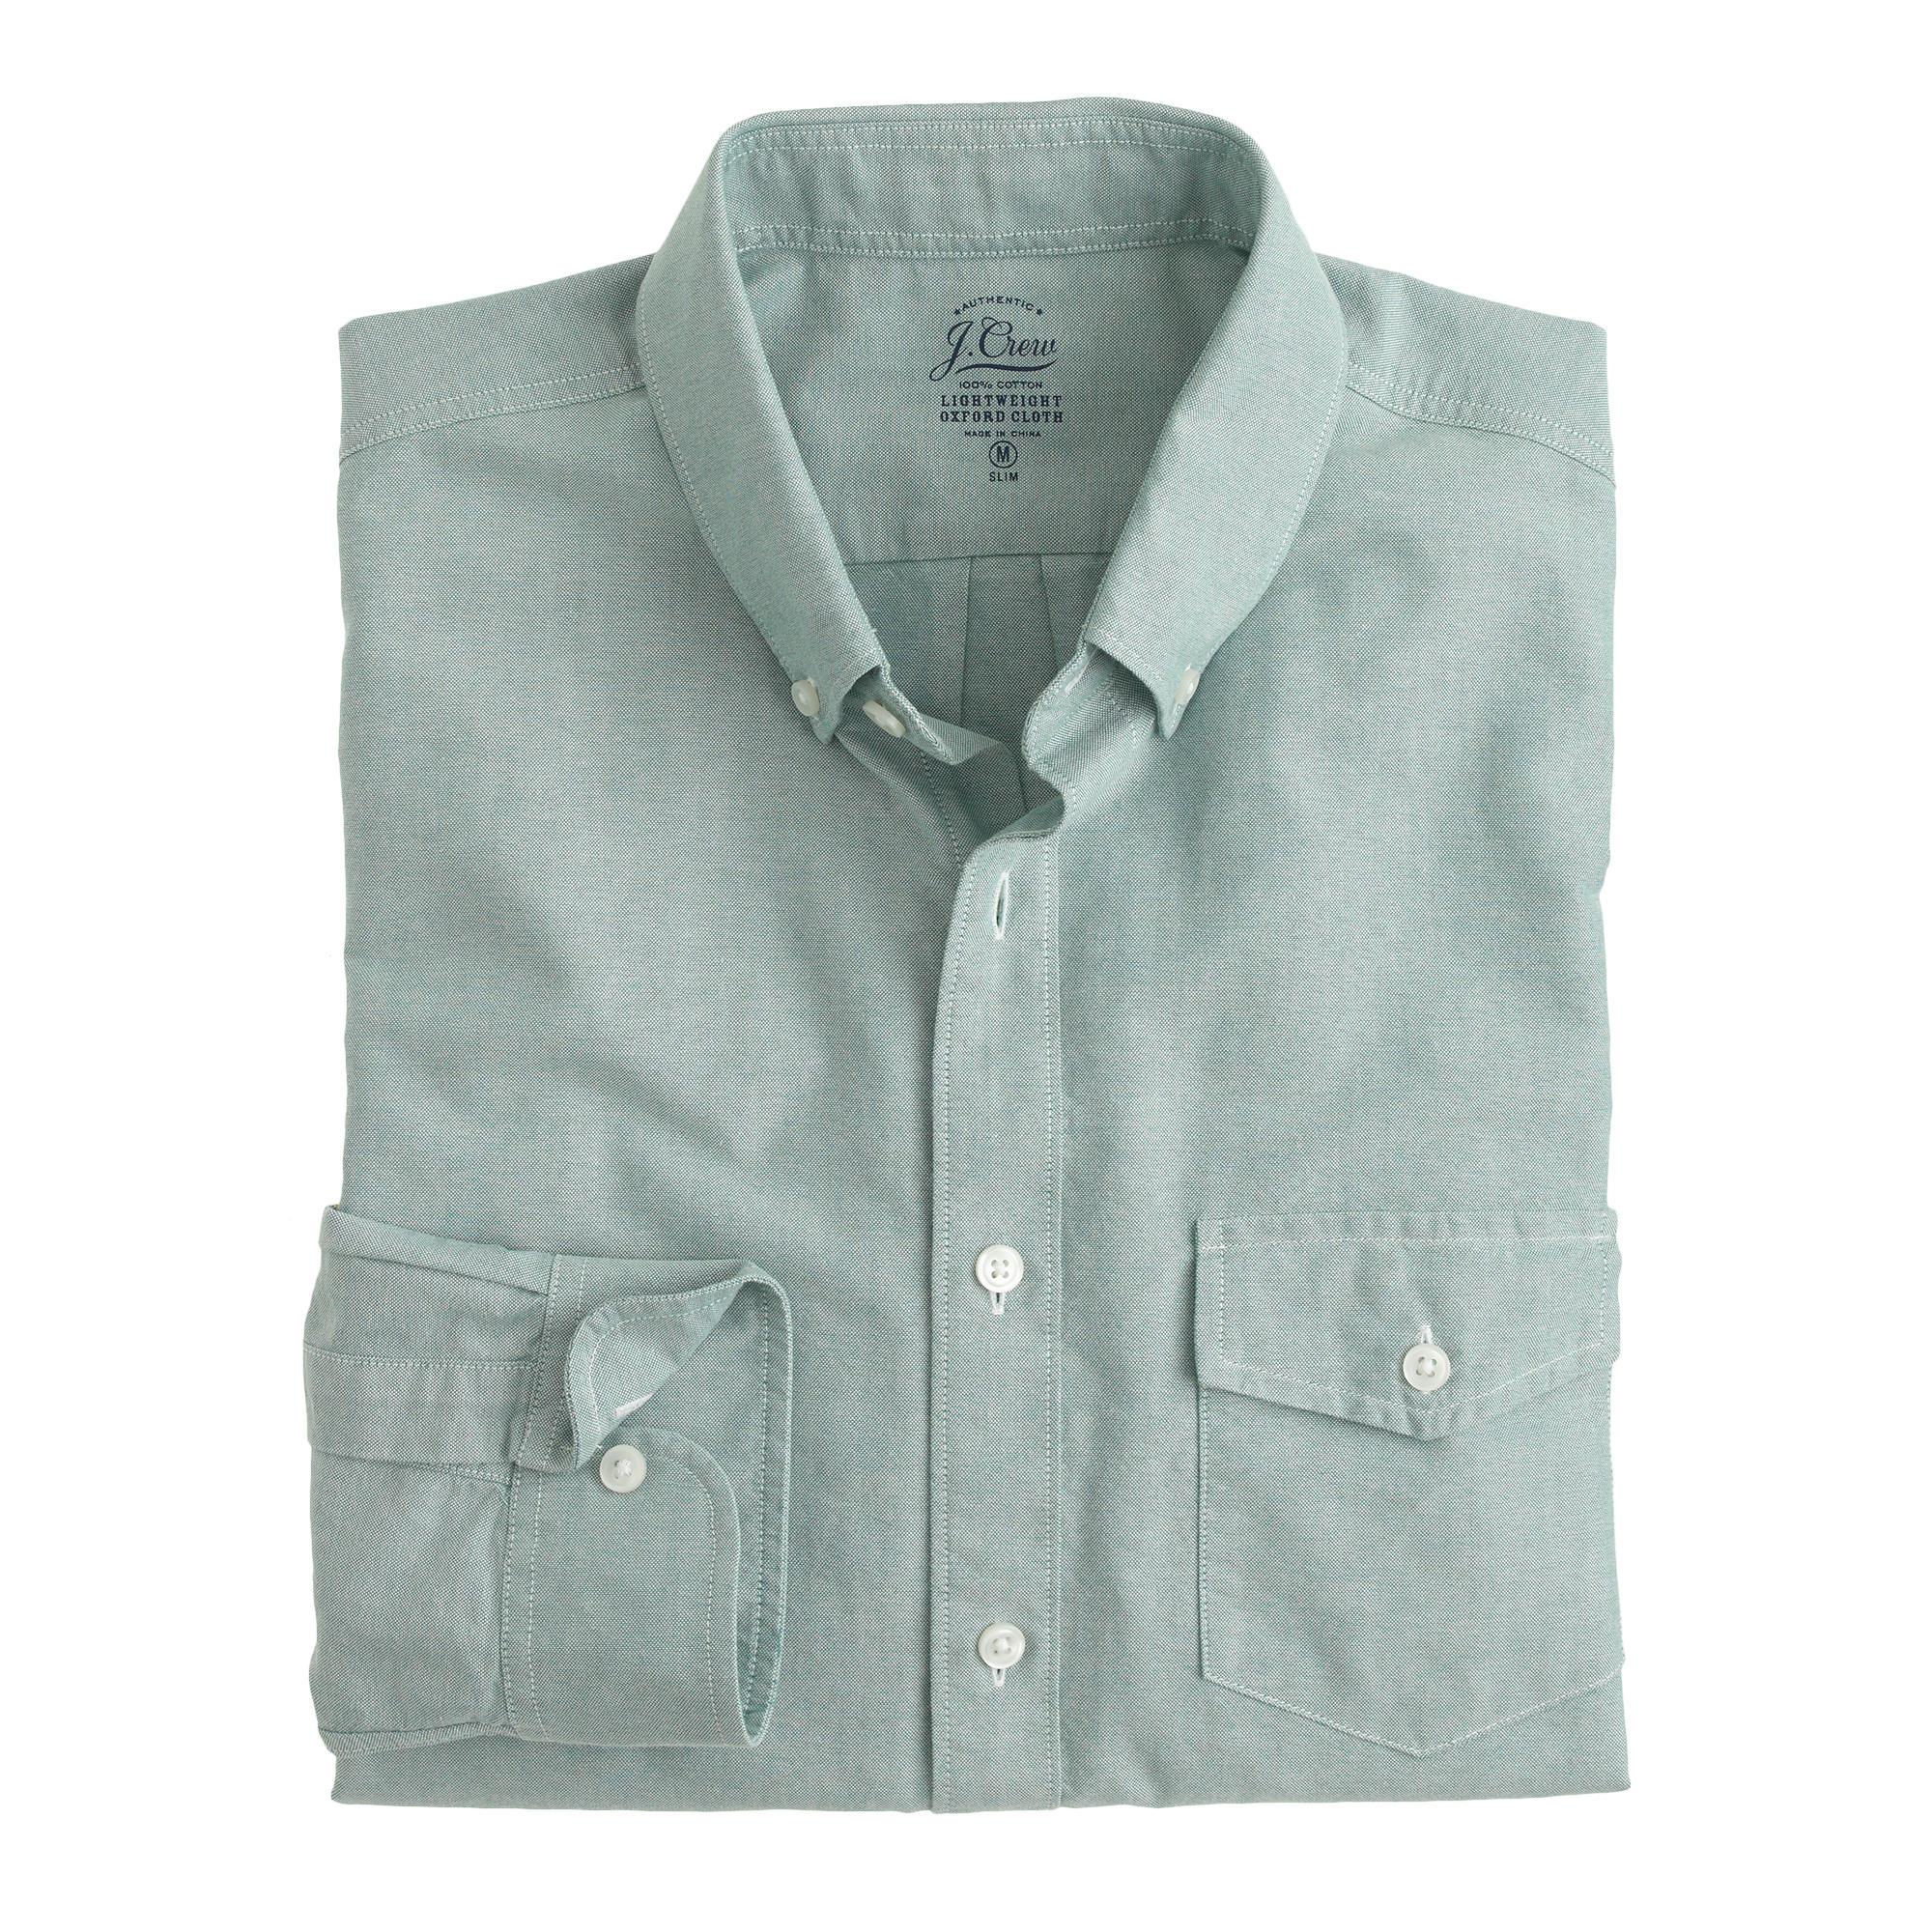 Рубашка J. Crew - 1500 гривен